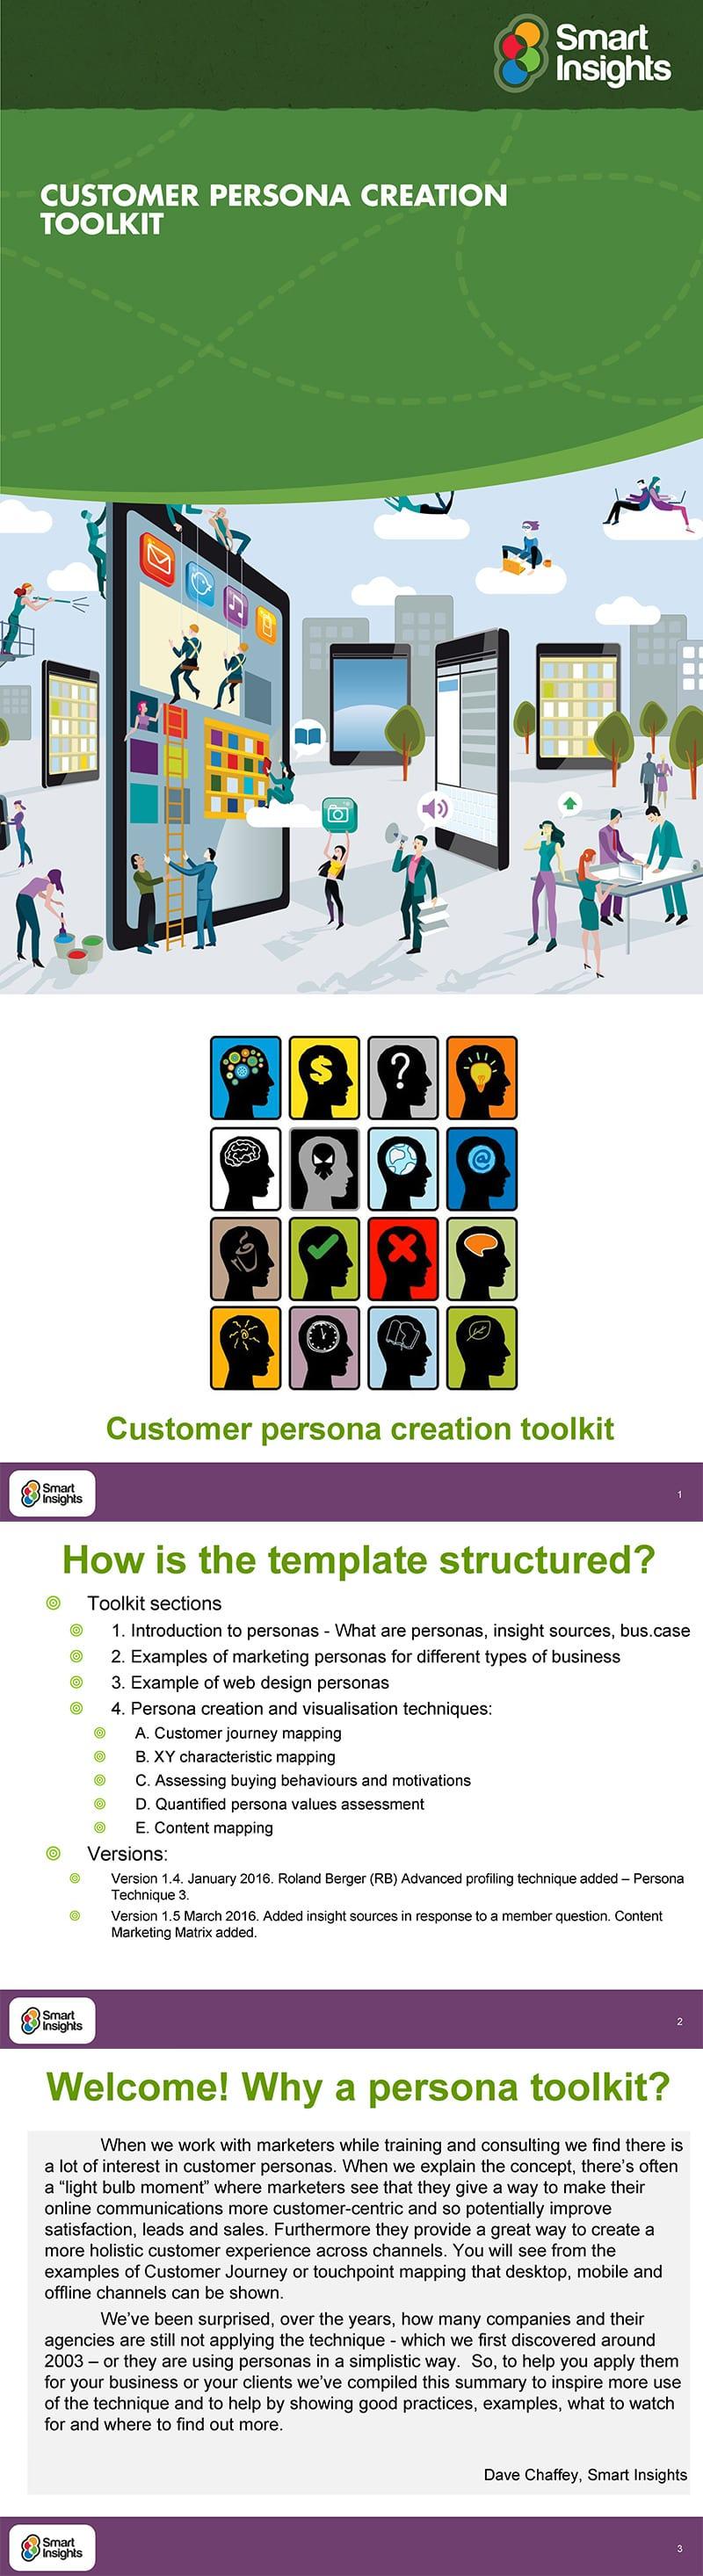 Customer persona guide